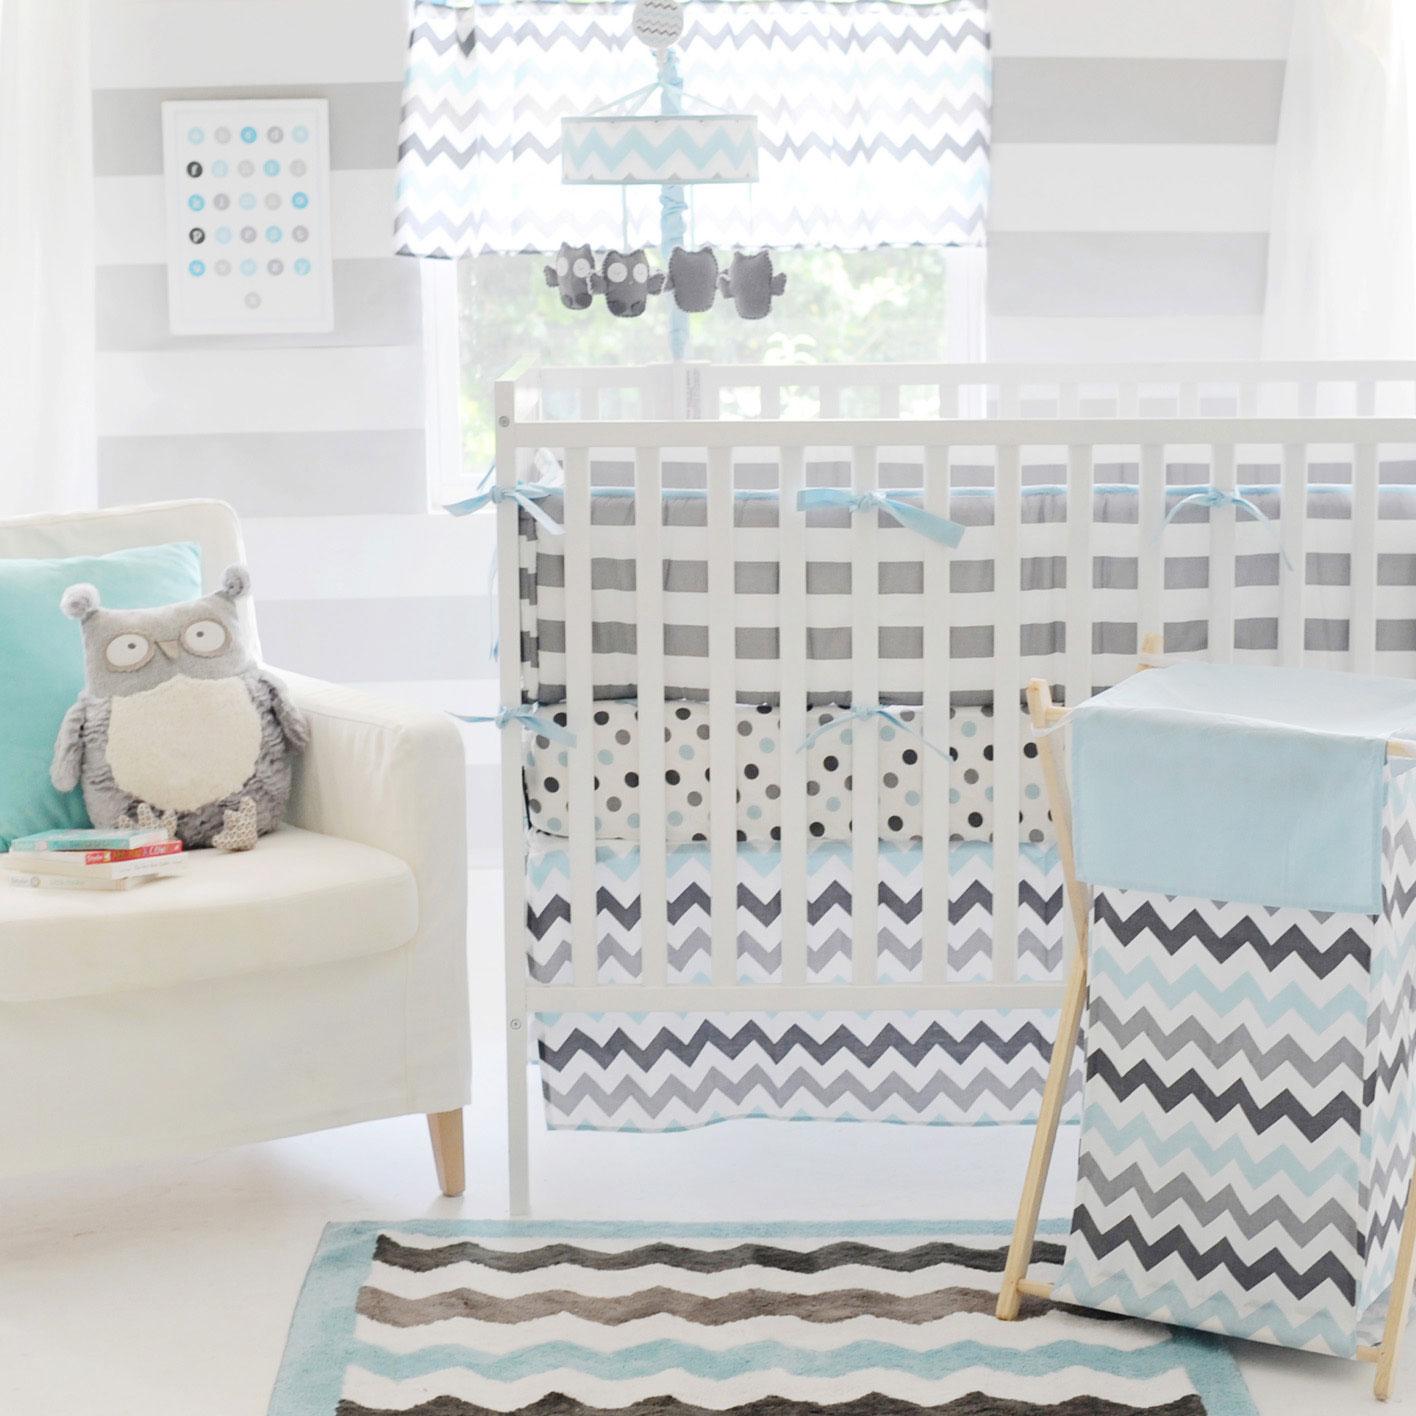 Chevron Baby Aqua Crib Set InteriorDecorating